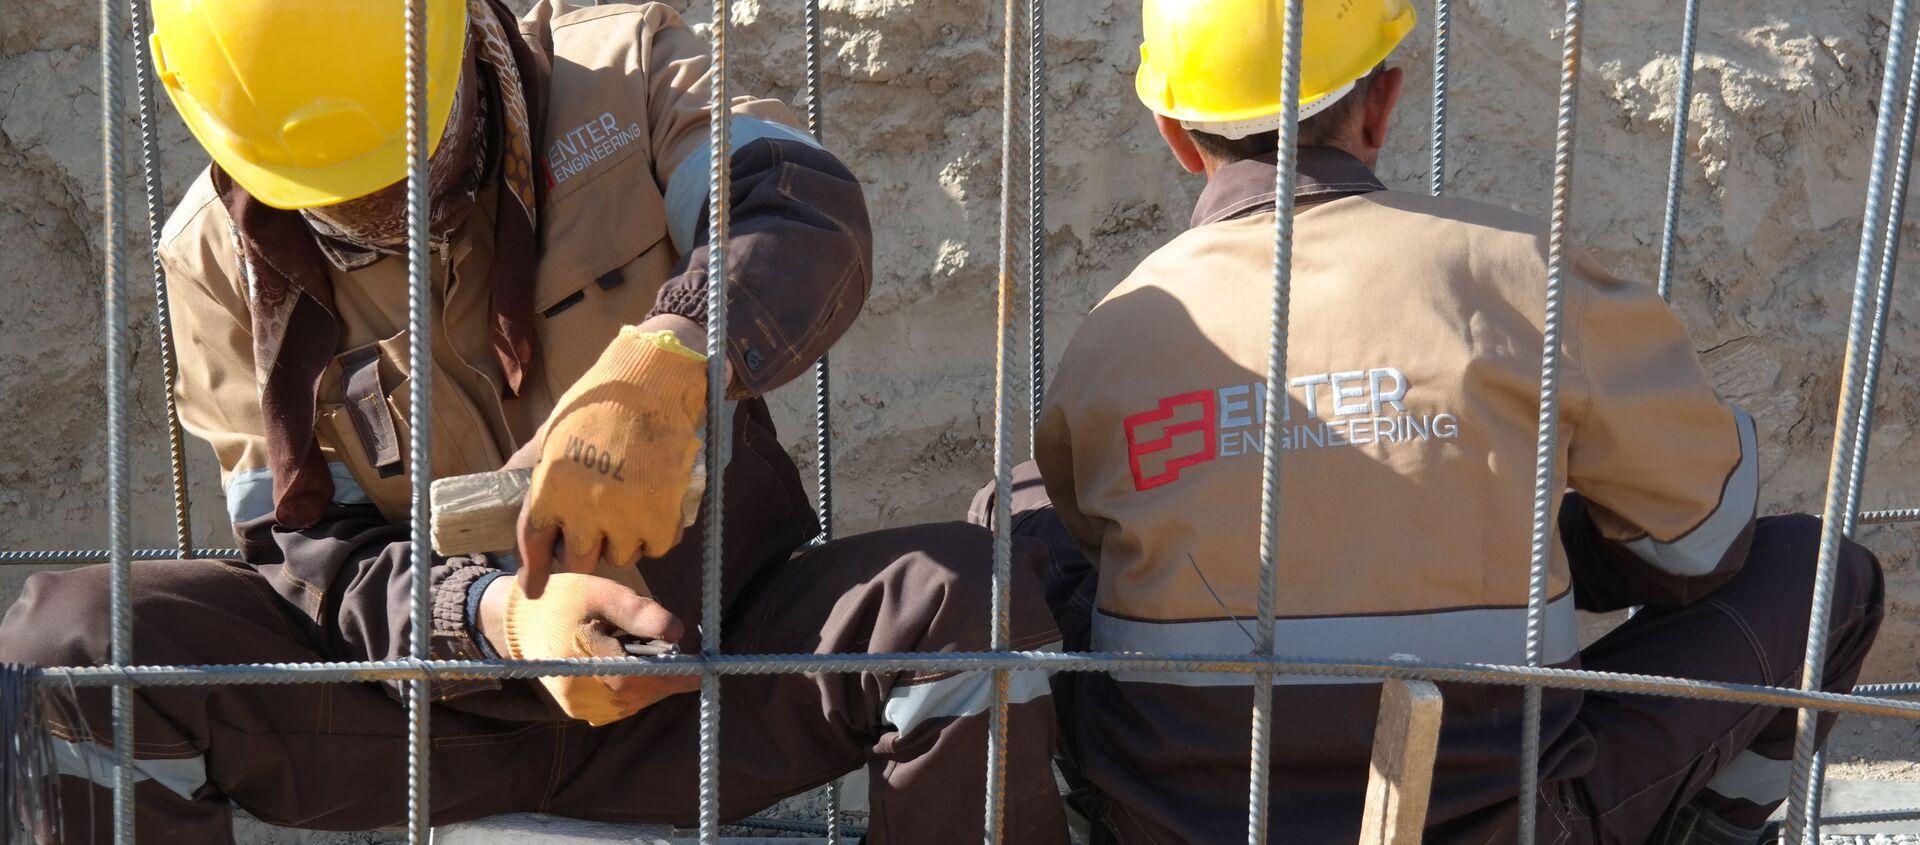 Строители на возведении заводта GTL в Кашкадарьинской области - Sputnik Узбекистан, 1920, 26.10.2020